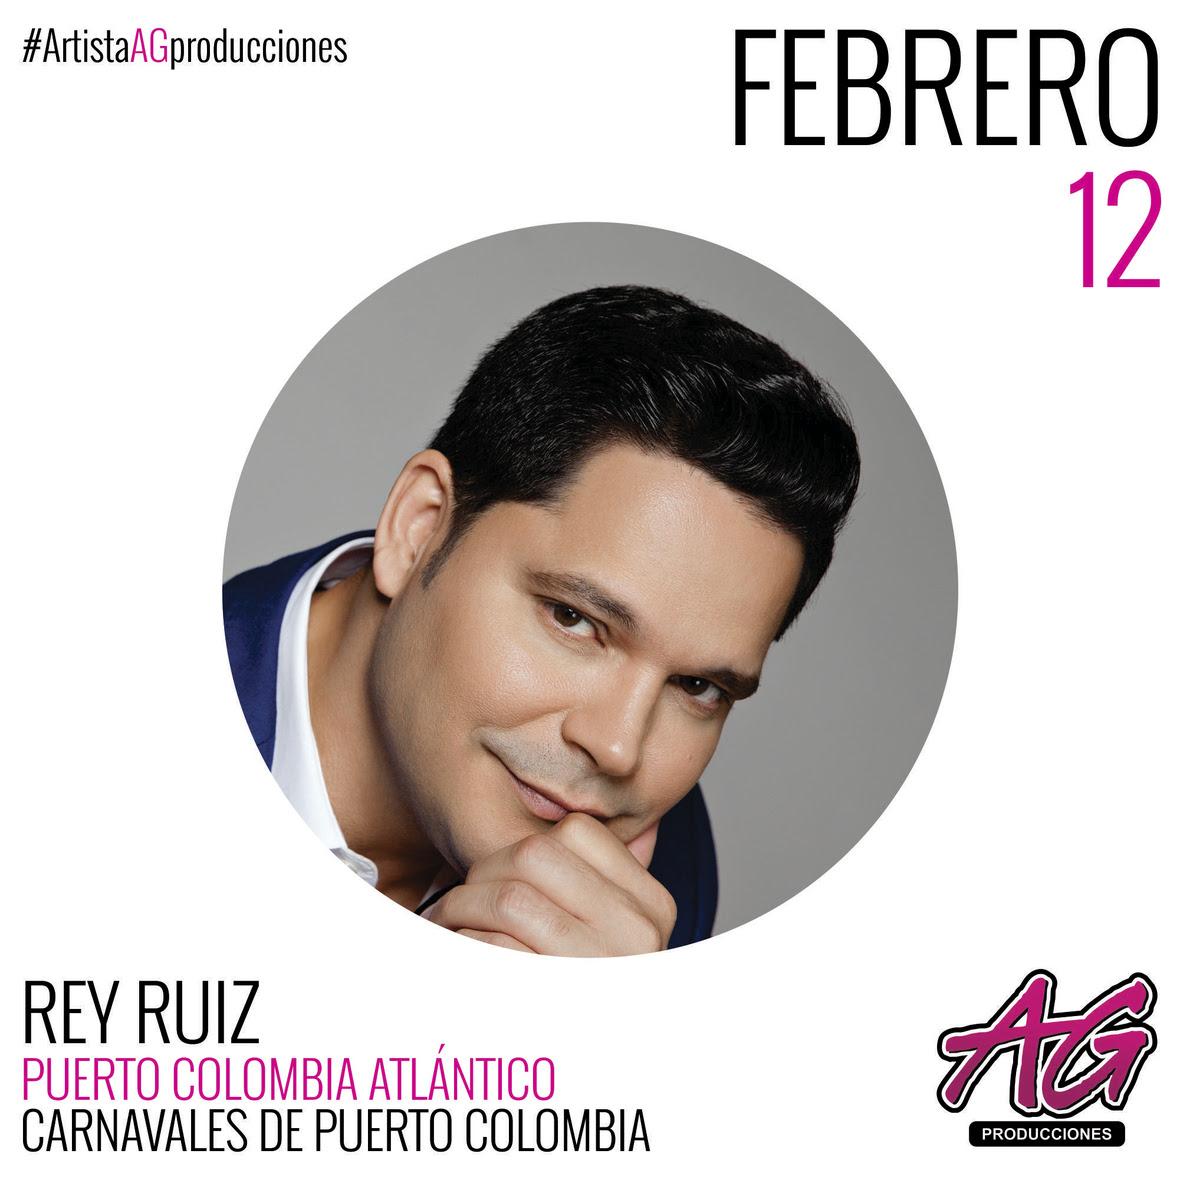 11 AG PRODUCCIONES - REY RUIZ FEBRERO 12